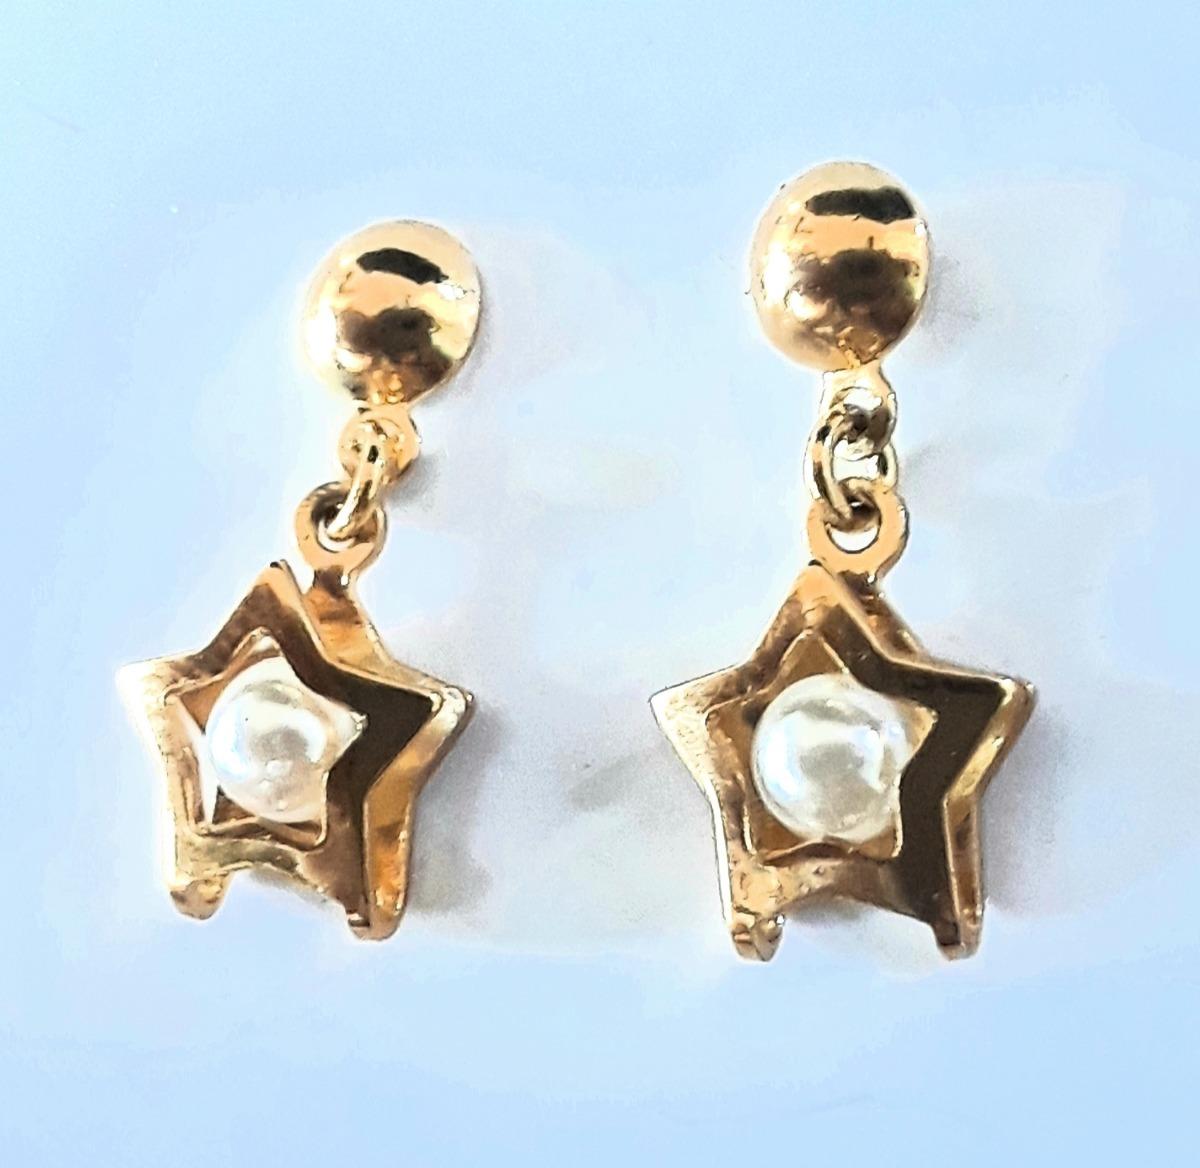 fc12a60e723e Vender uno igual · aretes zarcillos topos perla oro 18k deley joyas  laminado. Cargando zoom.